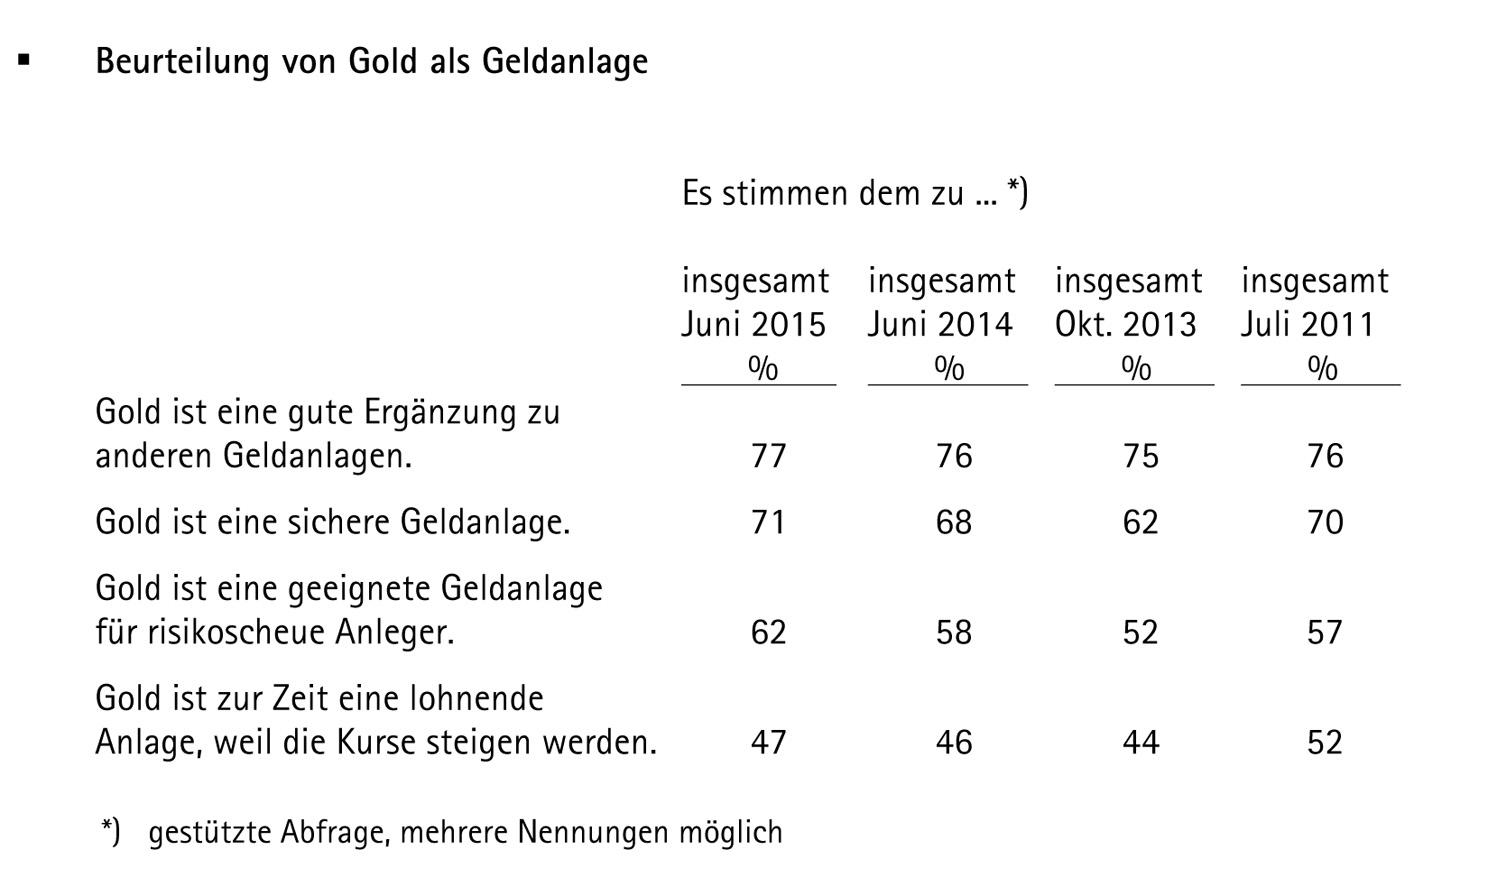 Bericht_pro aurum_langfristige_Gold_als_Geldanlage